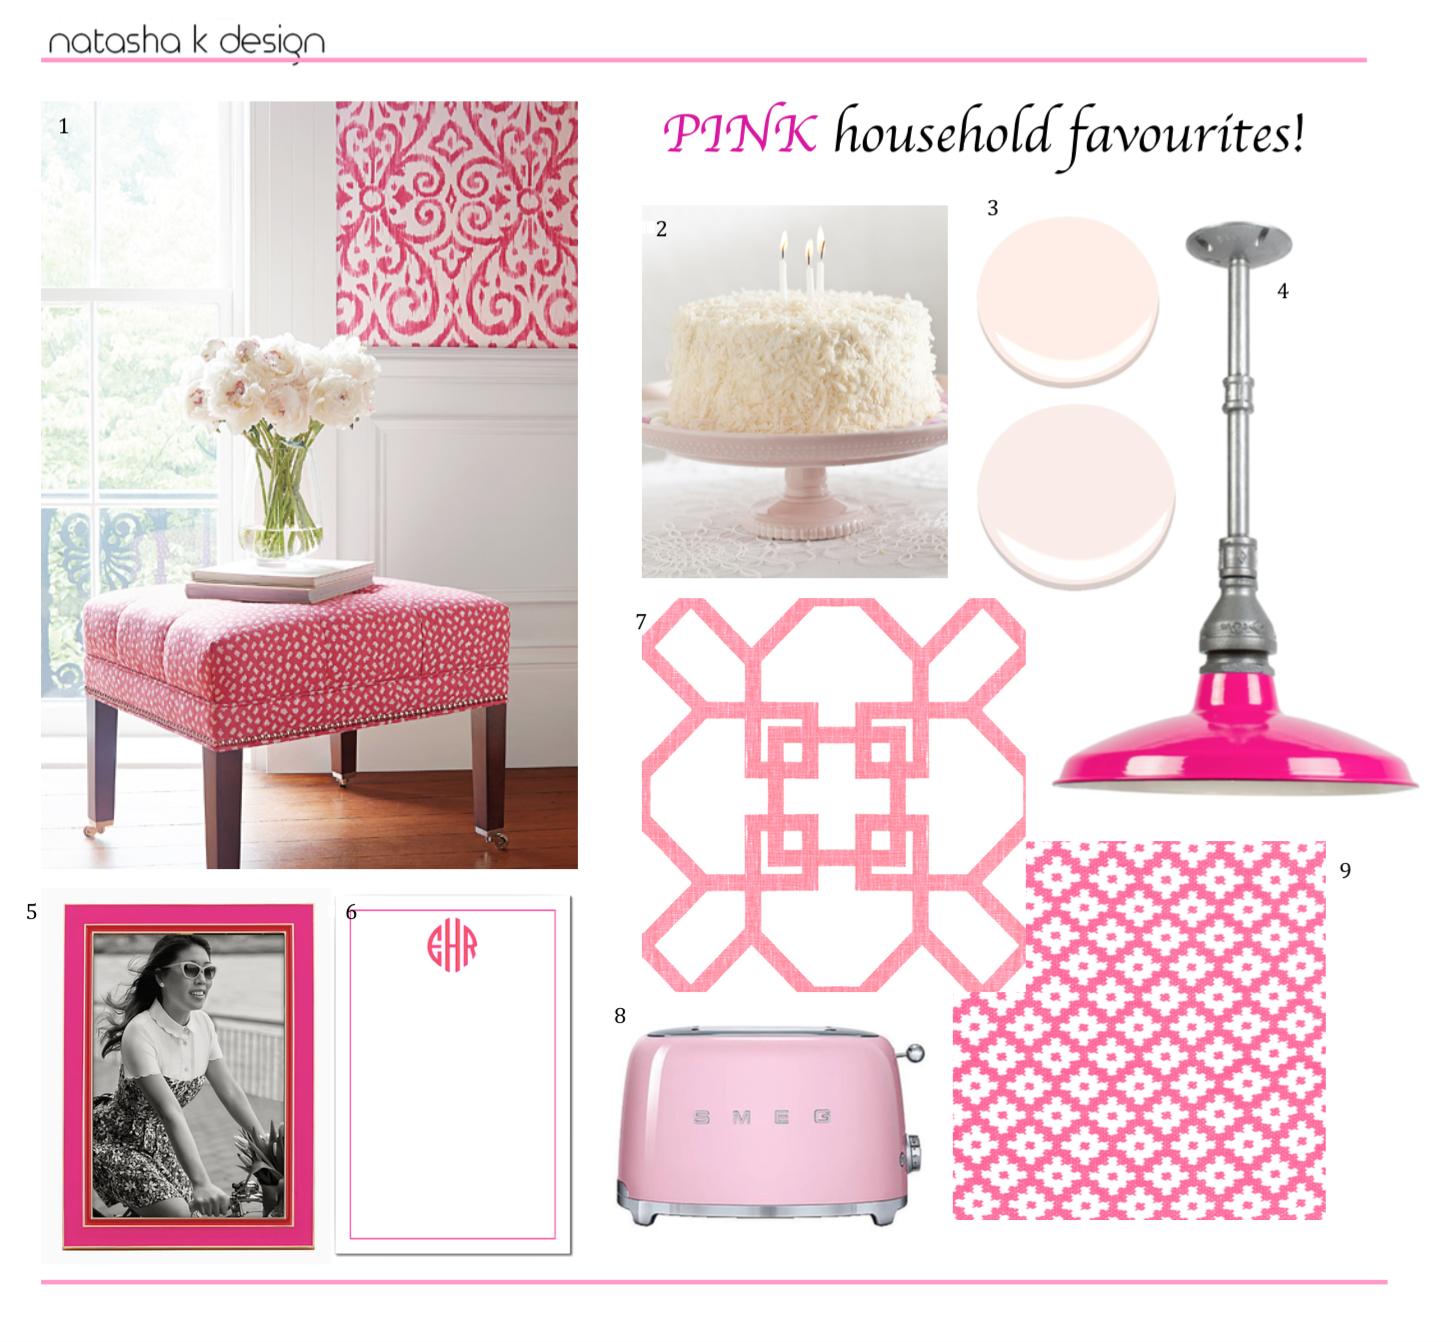 My Favourite Pink Household Items Www Natashakdesign